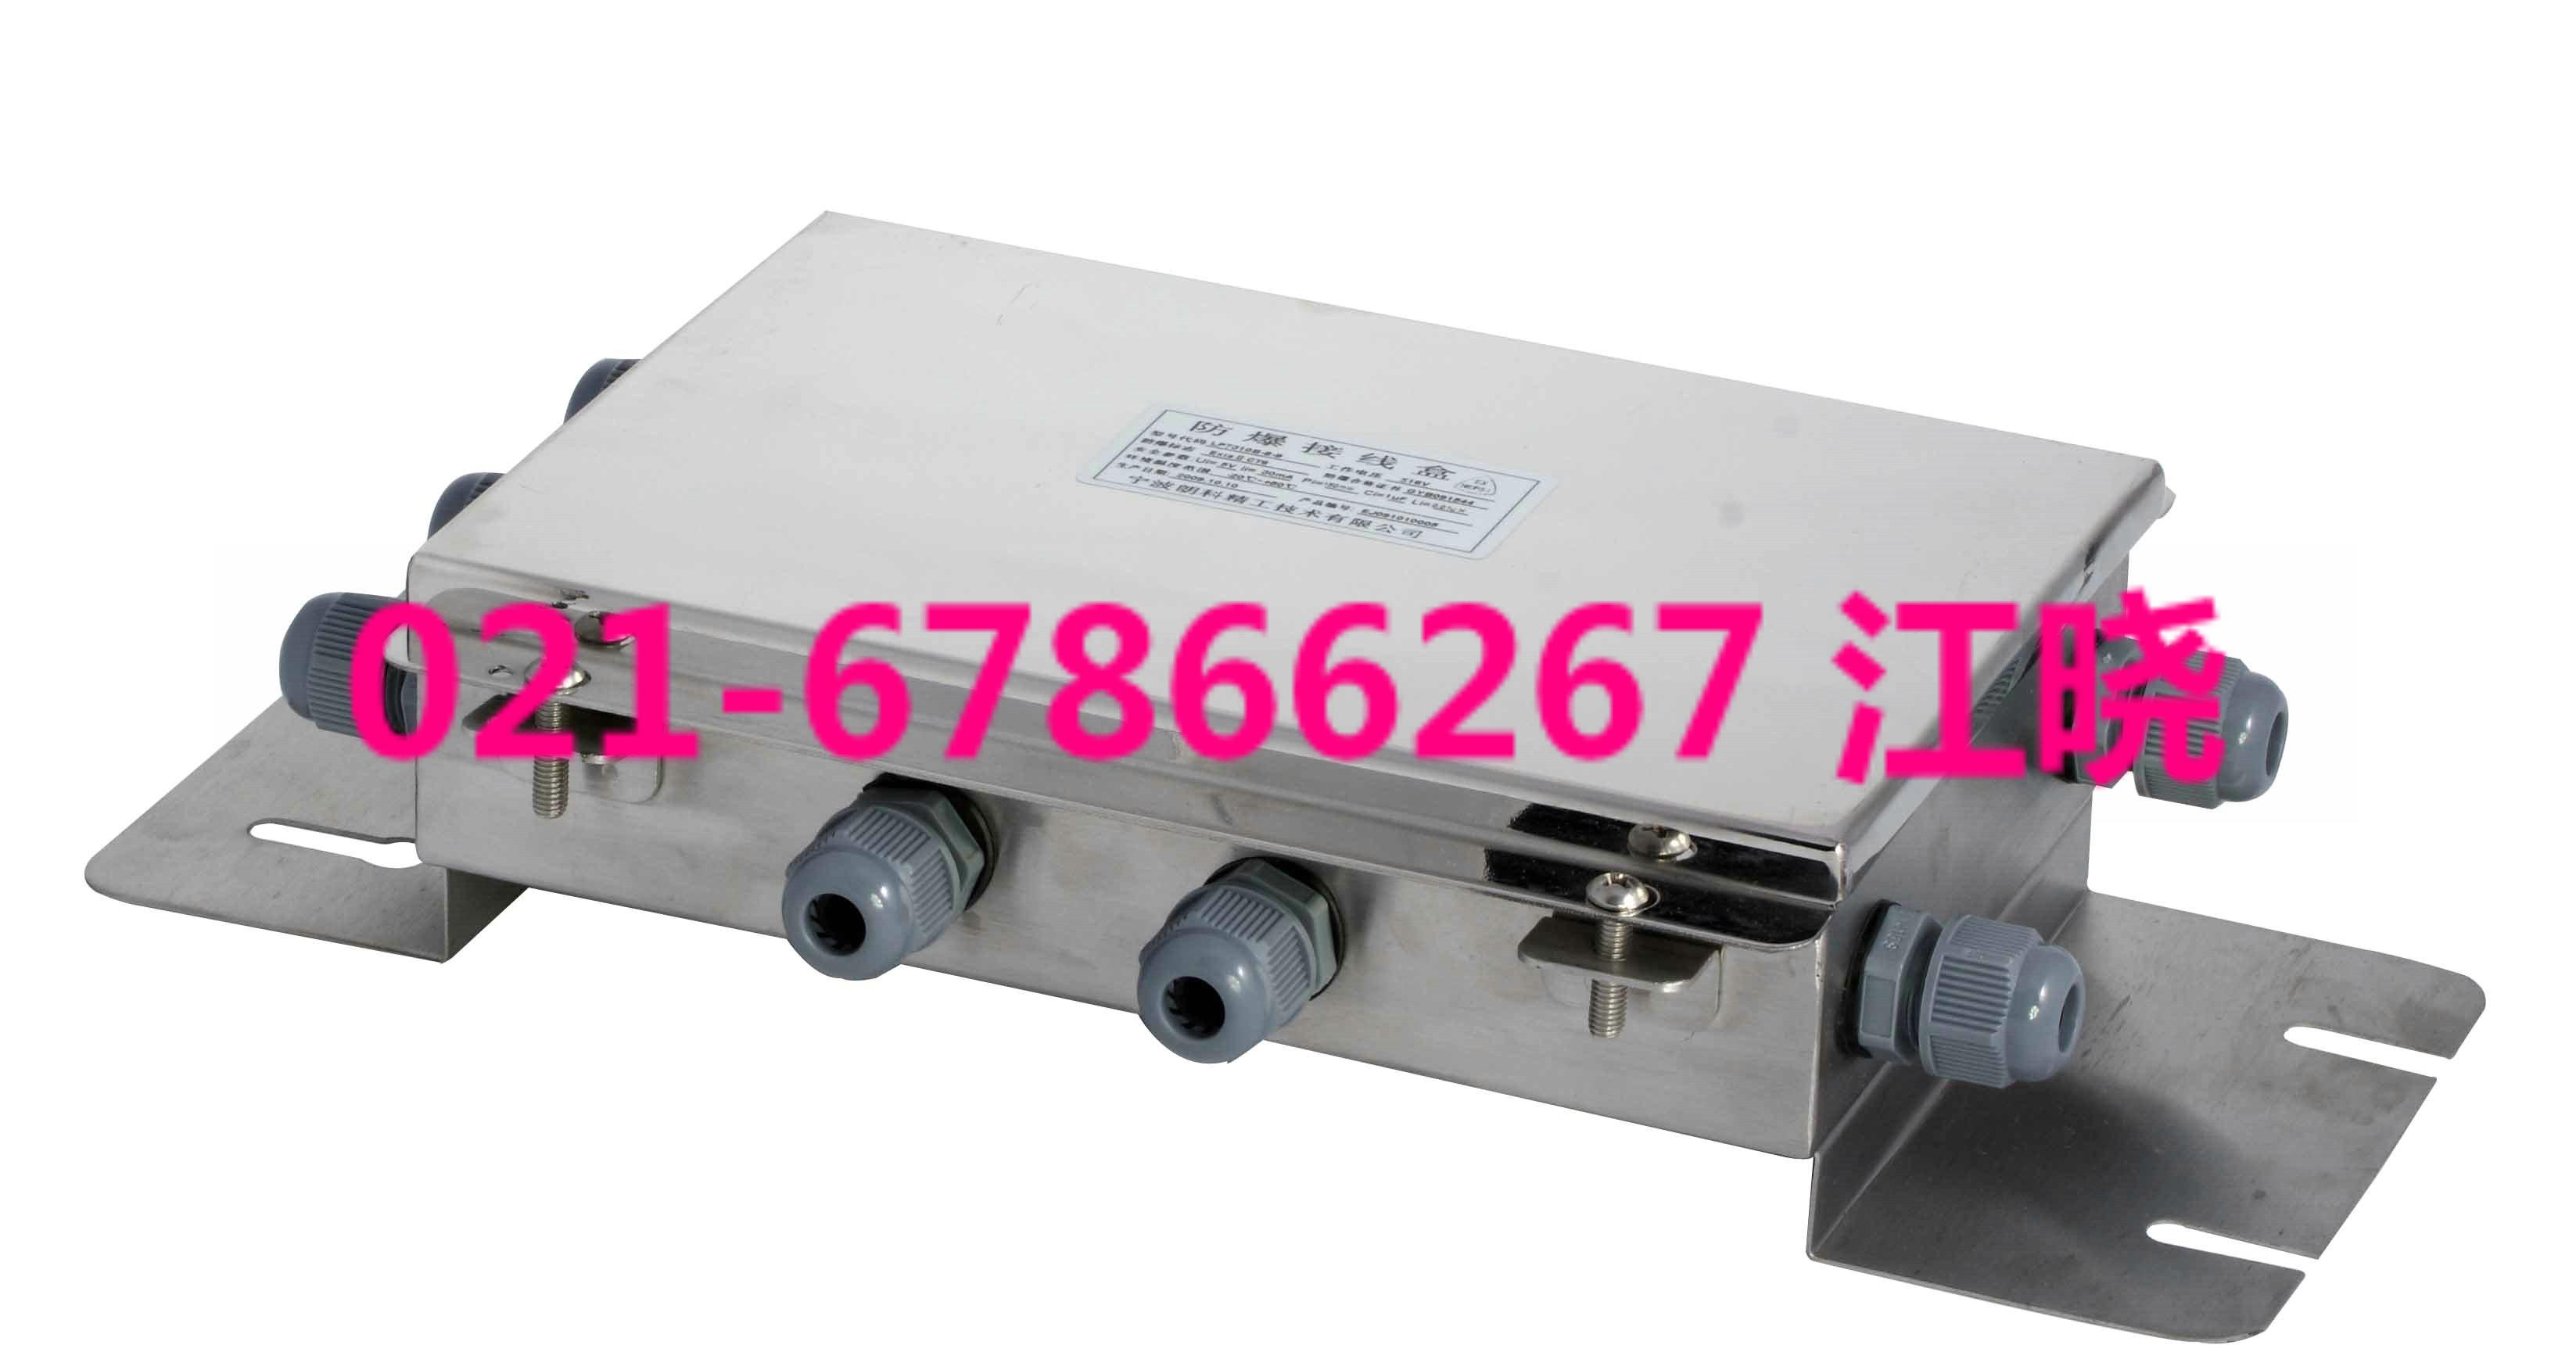 底部的三个压式称重模块将釜体的重量信号传至接线盒